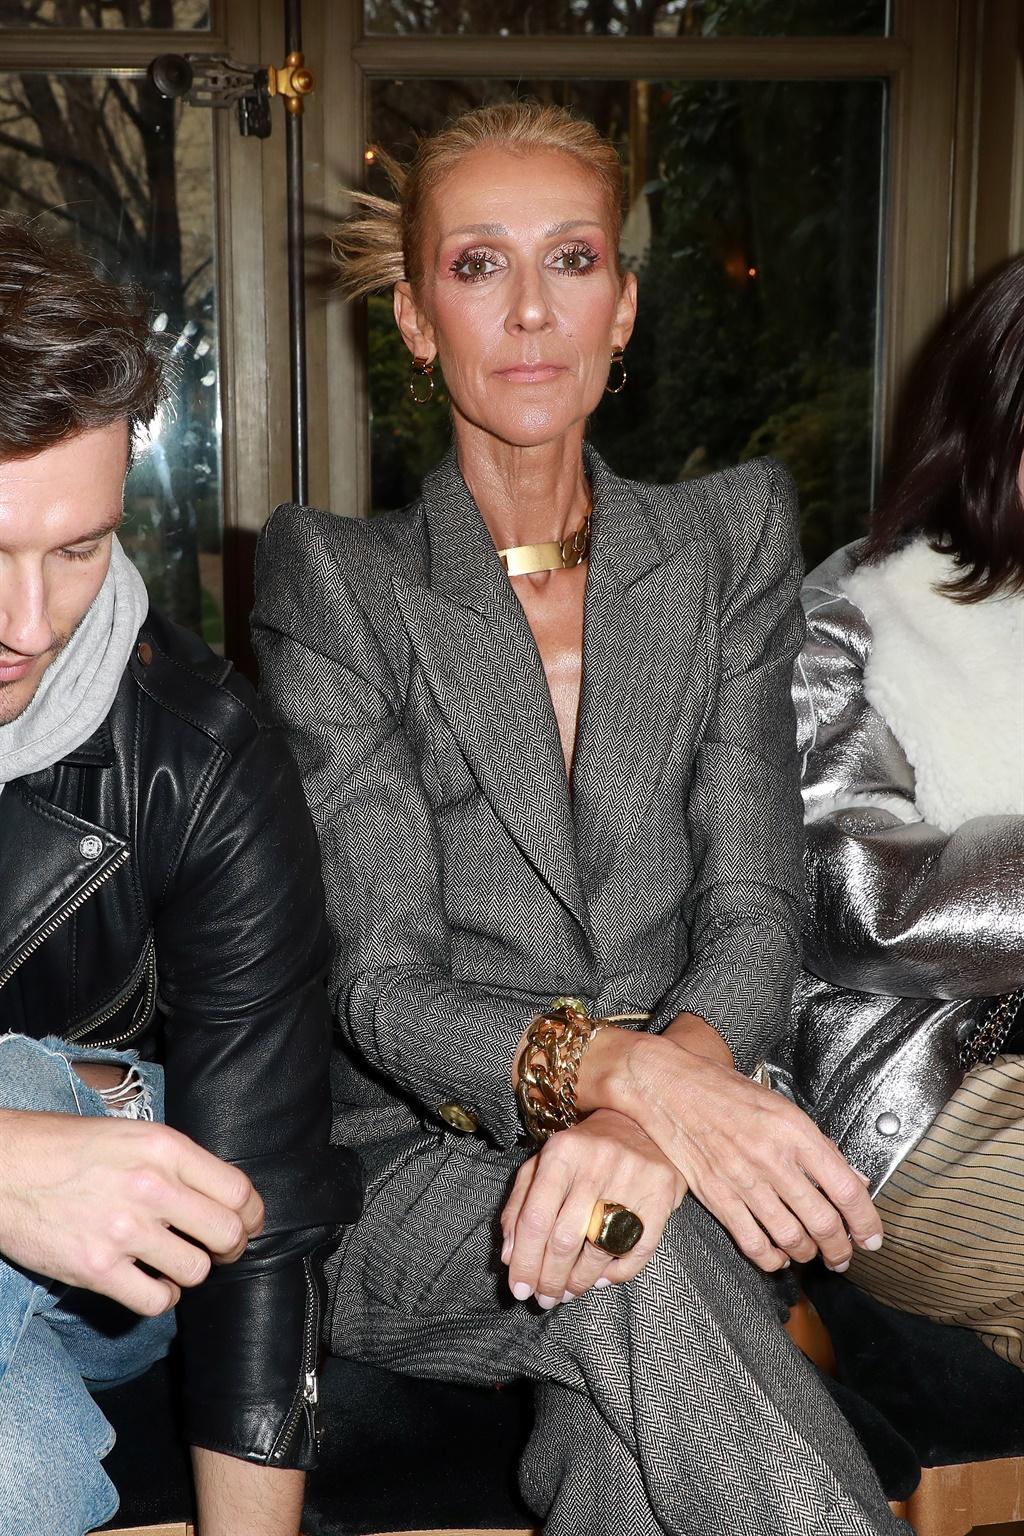 Dit gons oor Céline Dion se rietskraal lyf en bisa